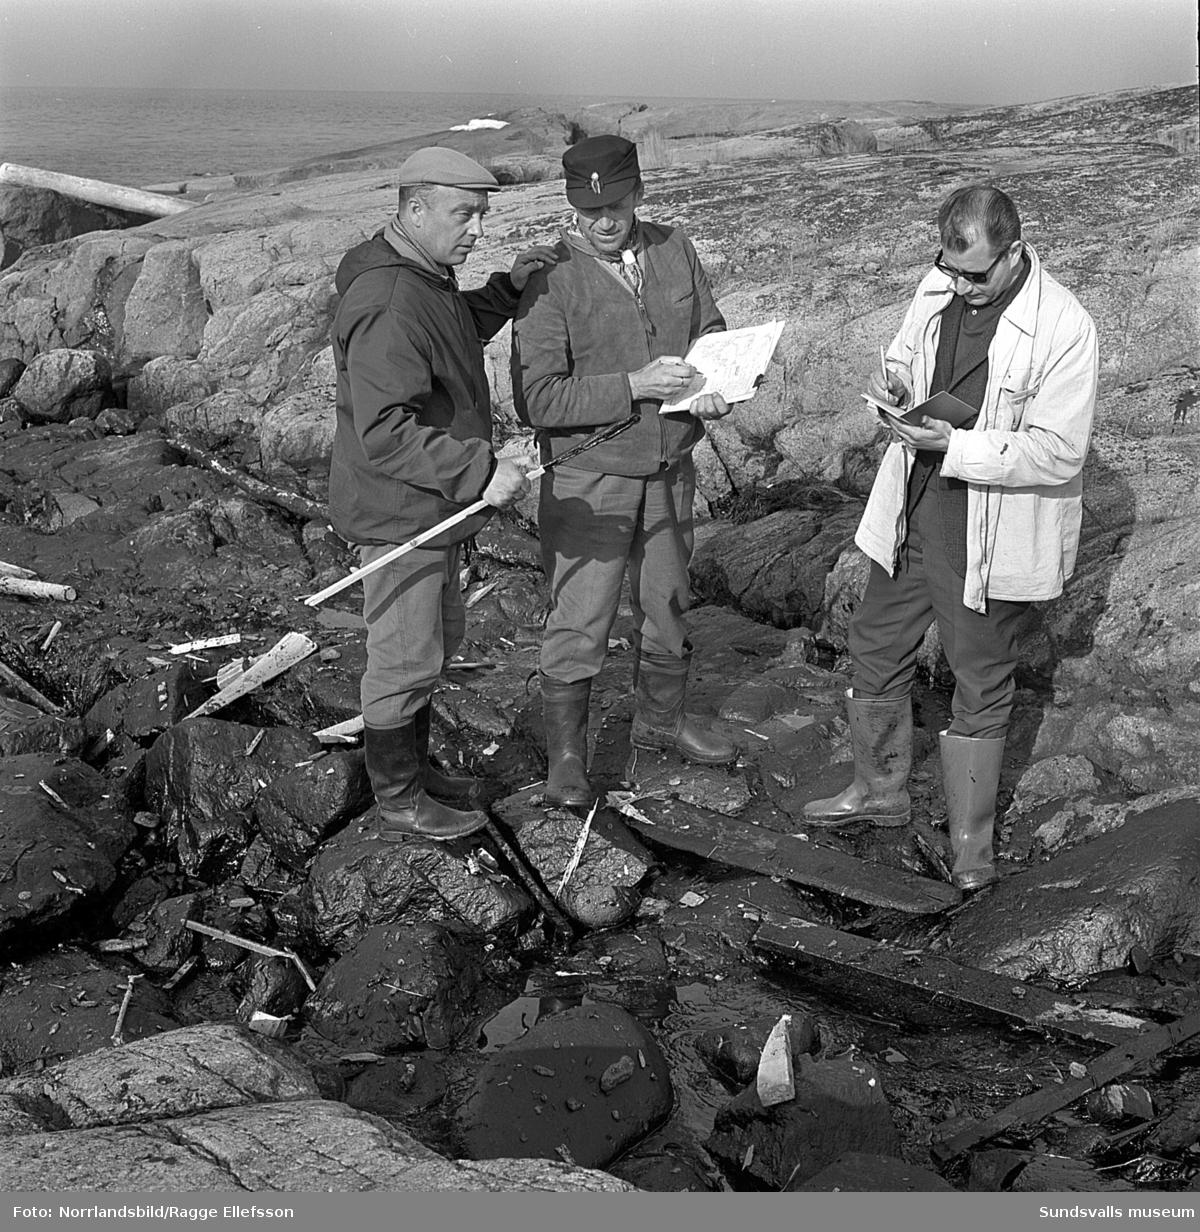 Kartläggning av oljeskadorna vid Medelpadskusten efter den norska oljetankern Gogstad som strandade och bröts sönder vid Bremö kalv den 1 december 1964.